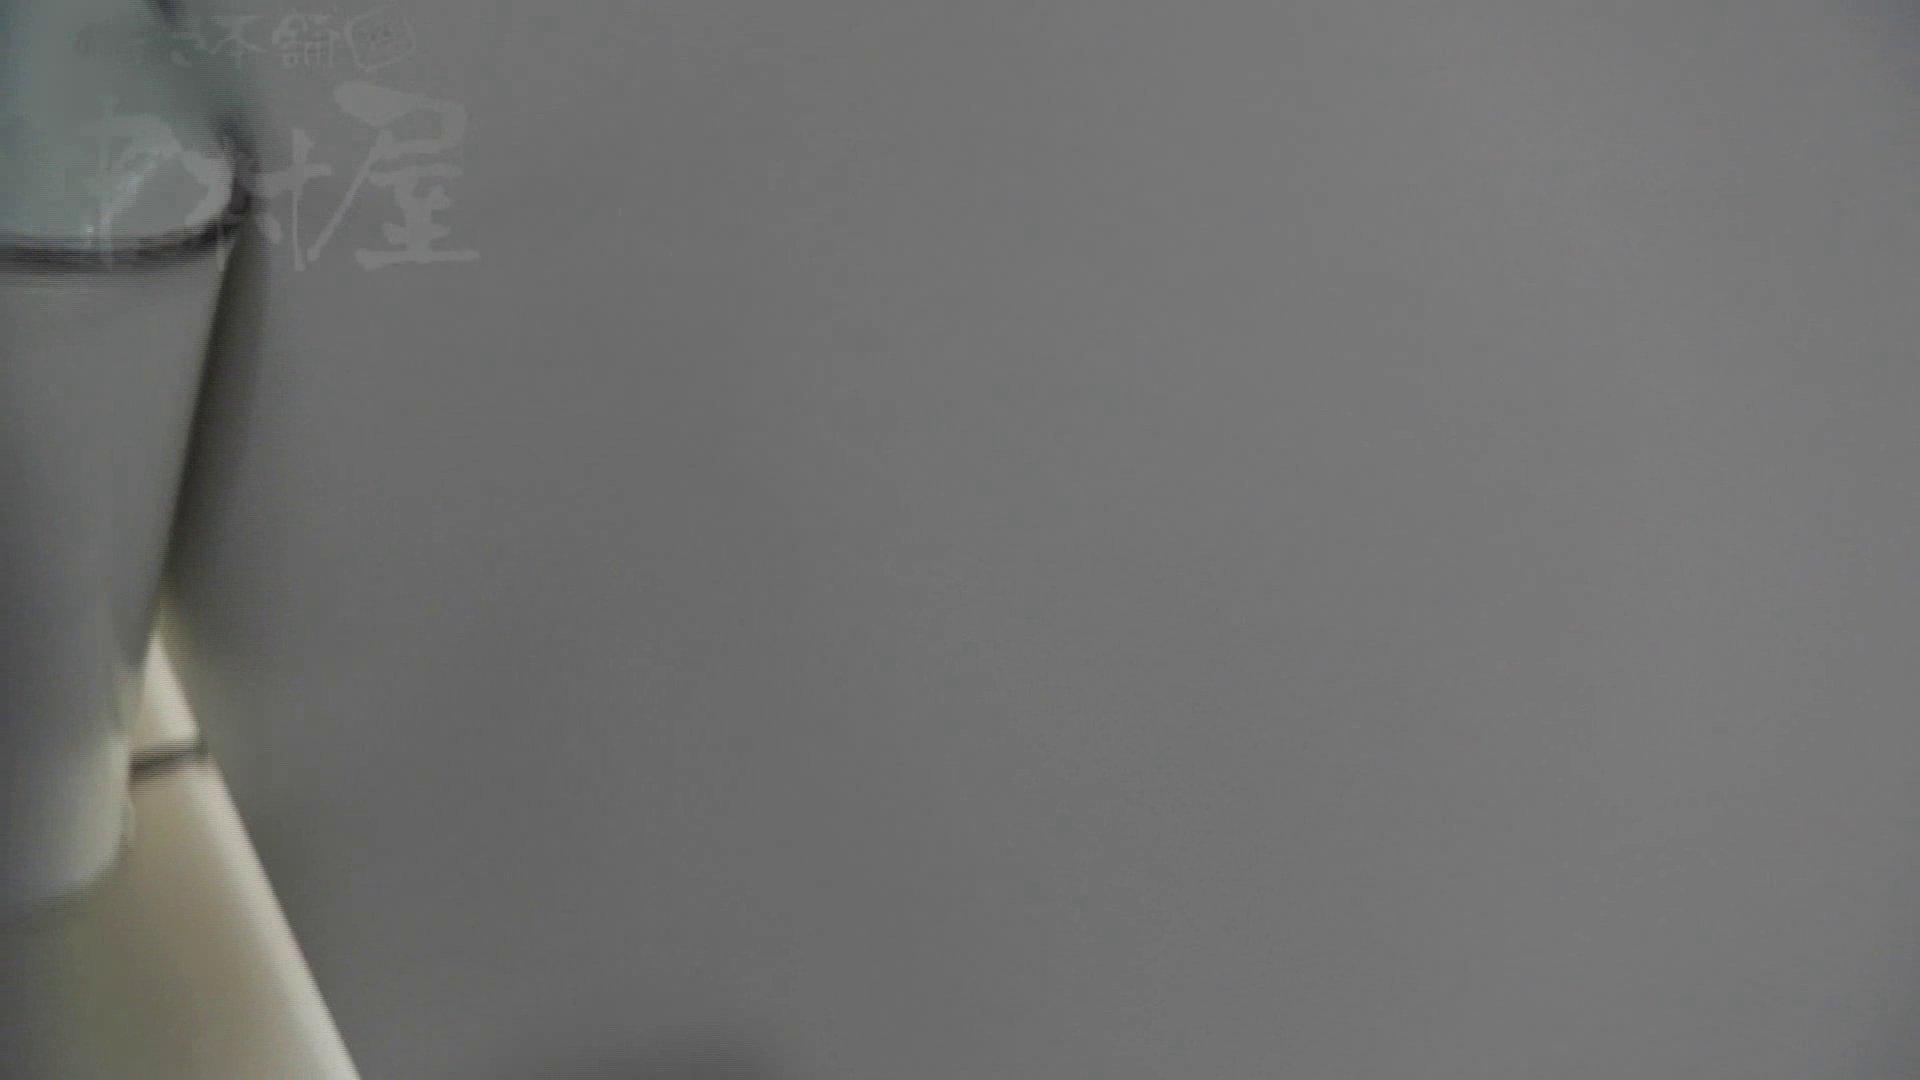 美しい日本の未来 No.17 番外編 ※※※閲覧注意※※※ 乙女 オマンコ無修正動画無料 99pic 68